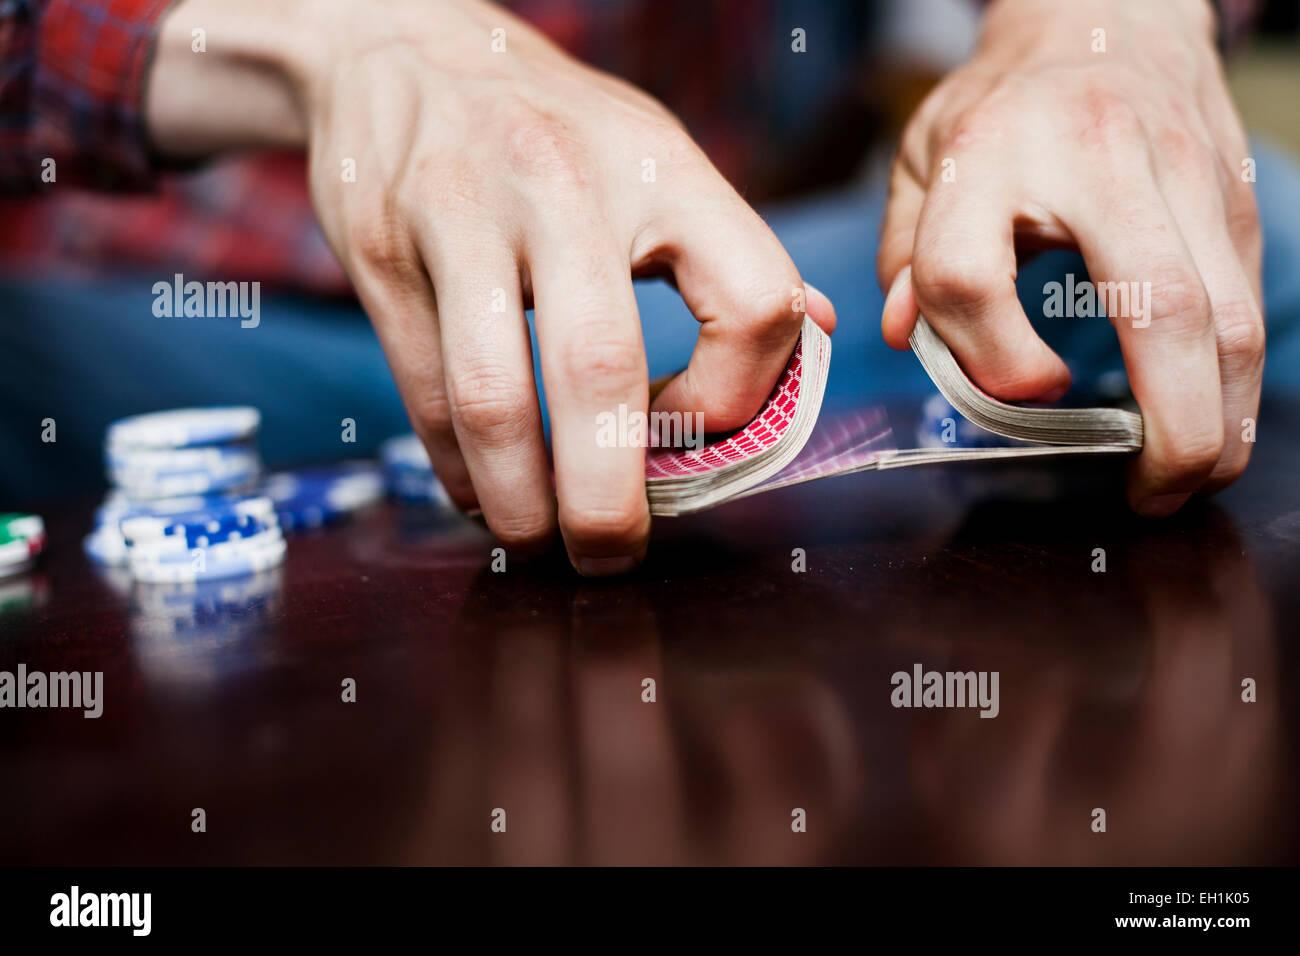 Immagine ritagliata delle mani dell'uomo e di miscelazione shuffling mazzo di carte Foto Stock